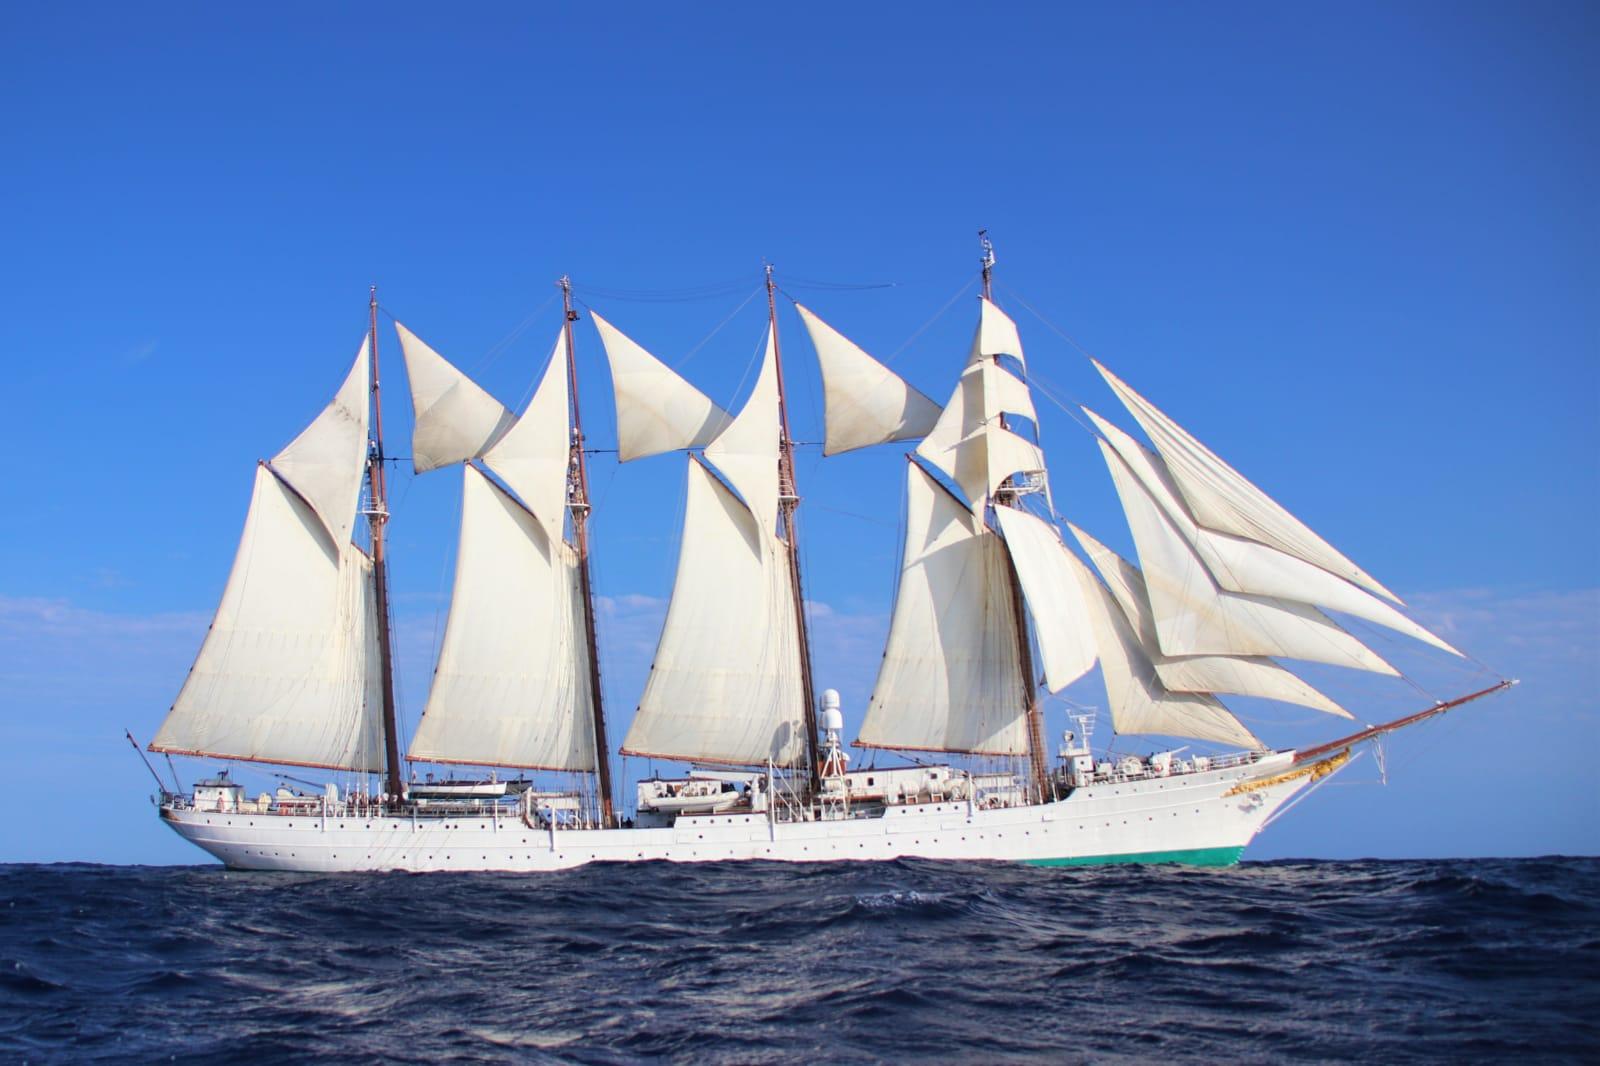 El buque escuela Juan Sebastián de Elcano con todas sus velas desplegadas. Foto: Armada Española